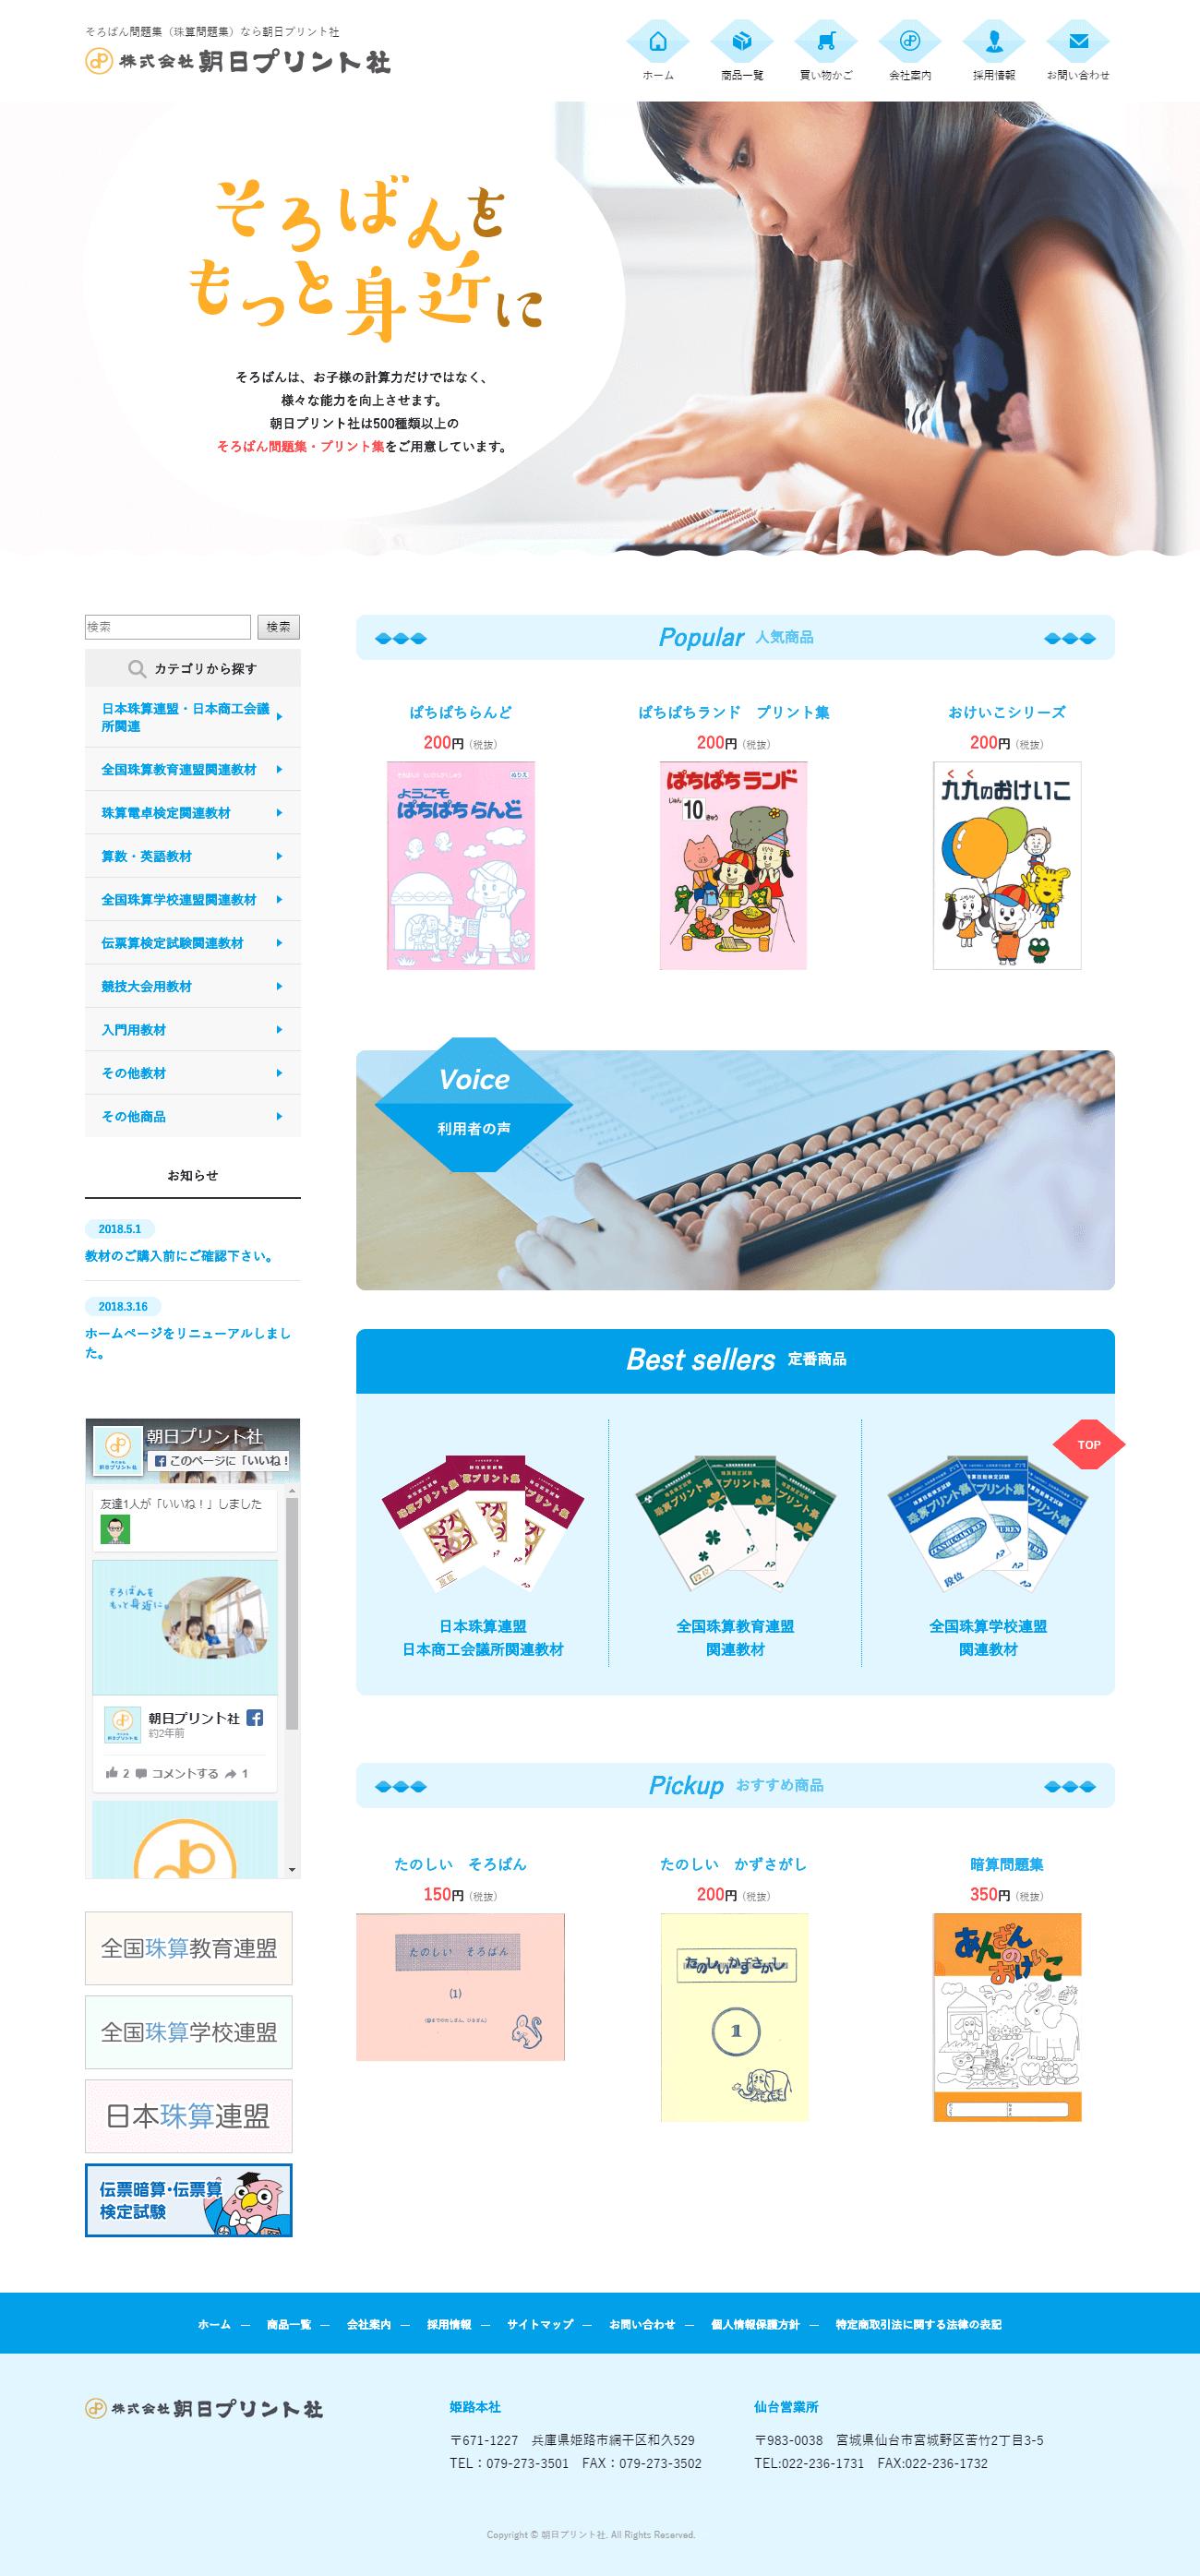 姫路市 朝日プリント社様 ホームページ制作1